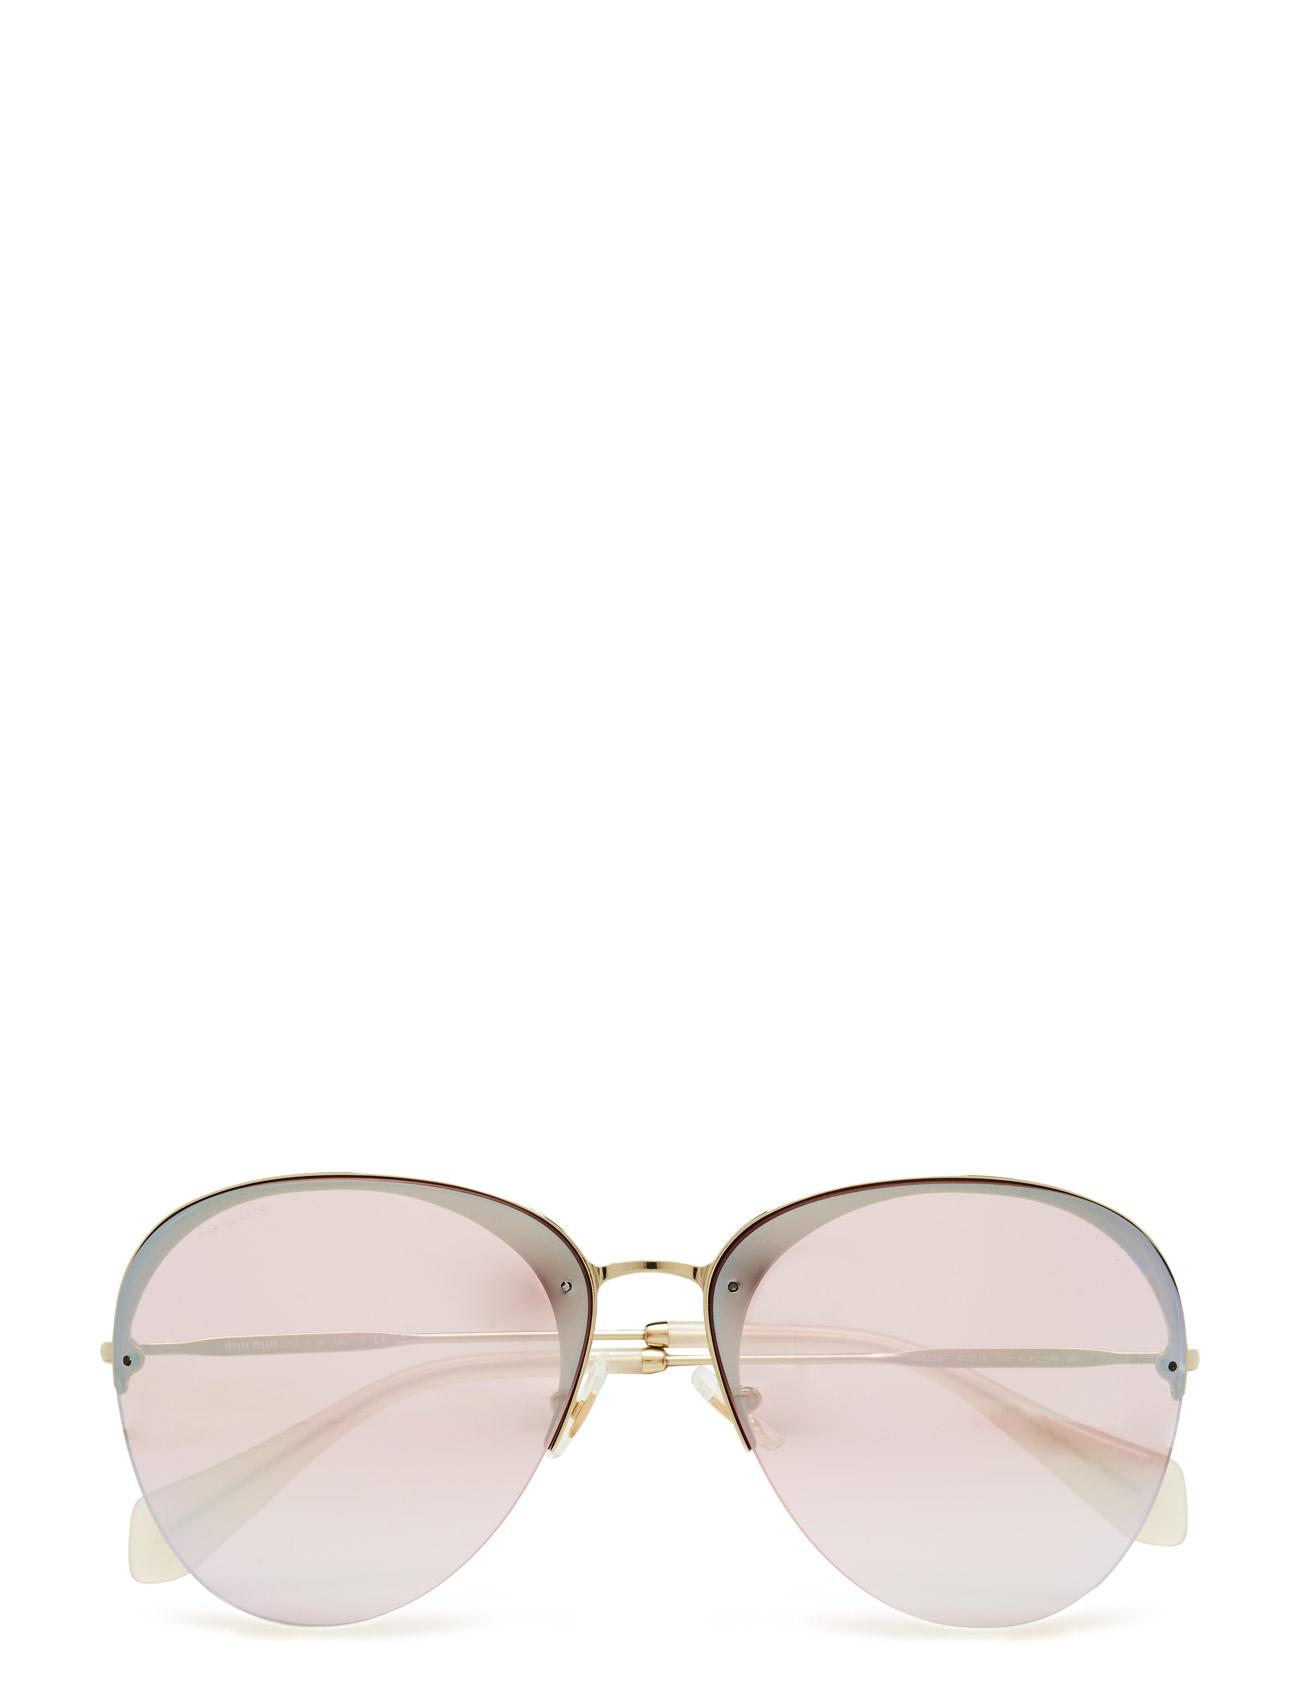 Core Collection | So Frame Miu Miu Sunglasses Solbriller til Damer i